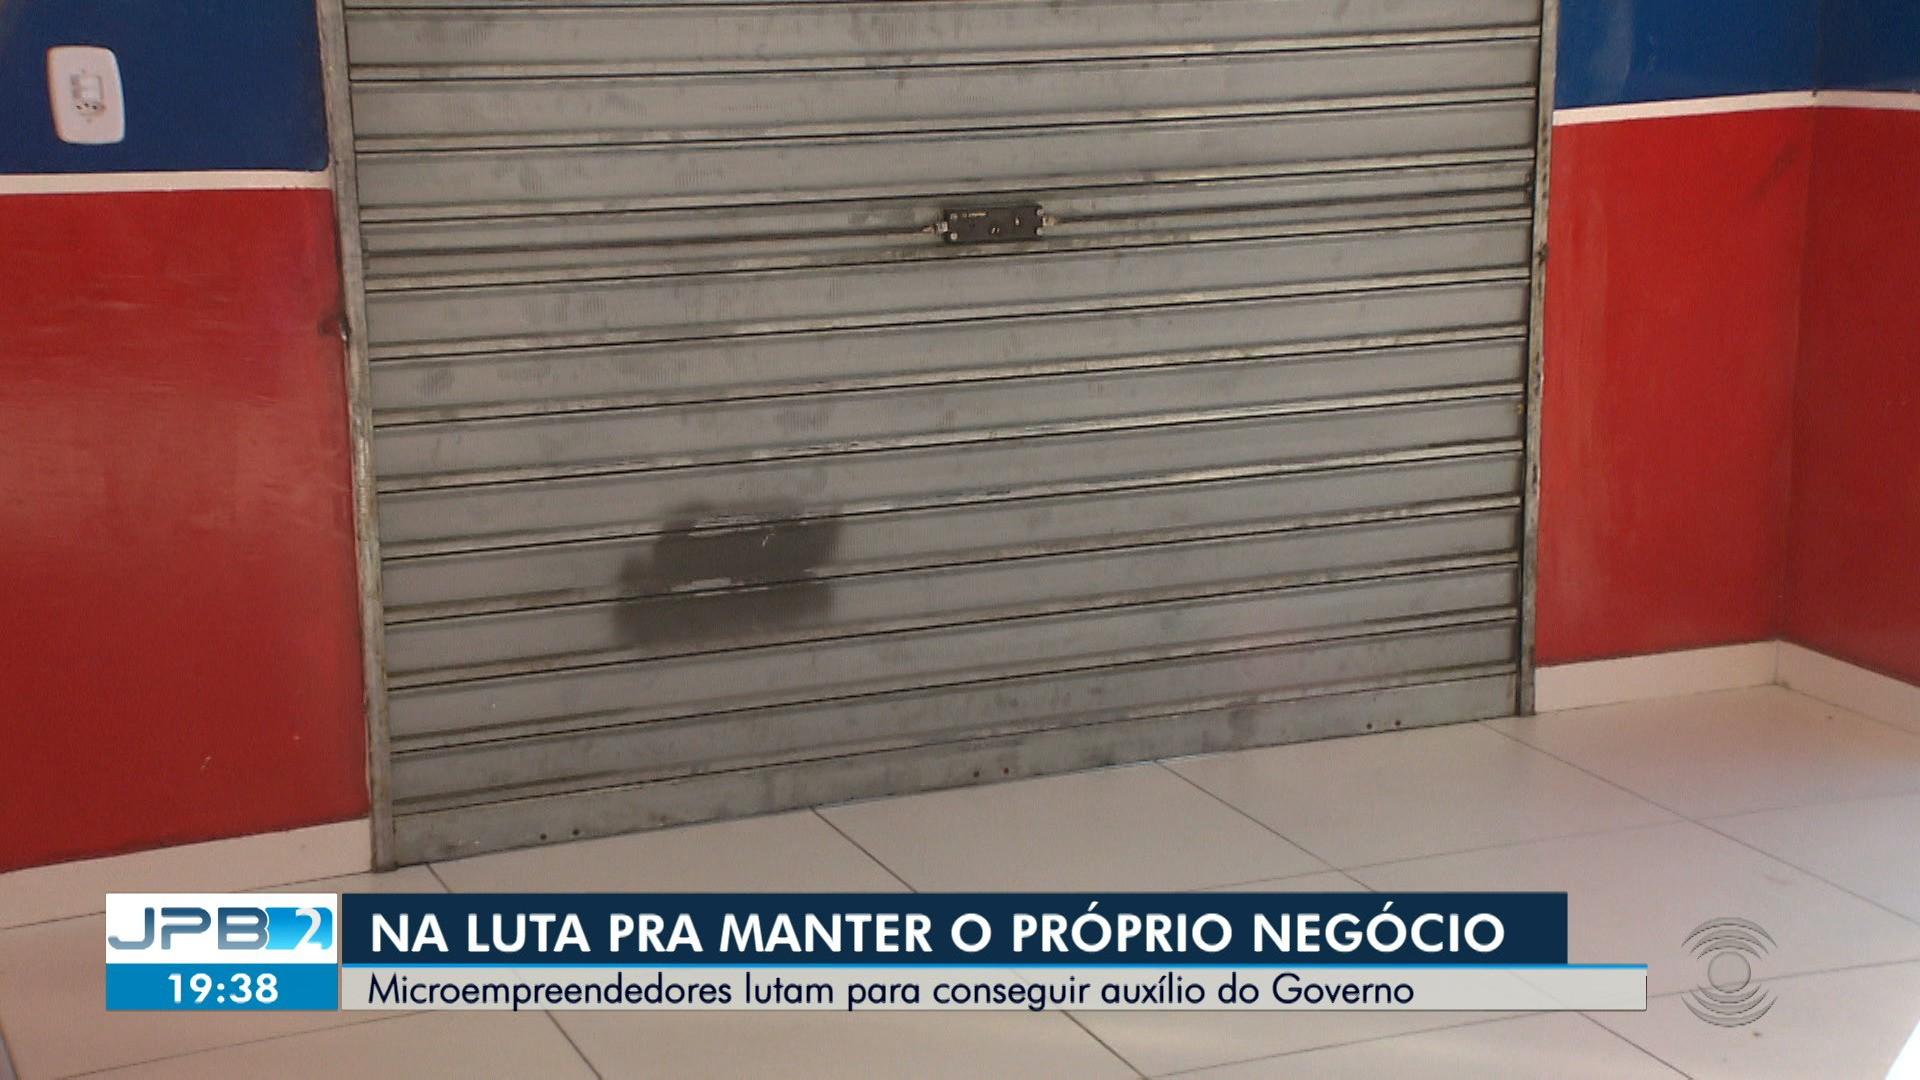 VÍDEOS: JPB2 (TV Paraíba) desta quinta-feira, 9 de julho